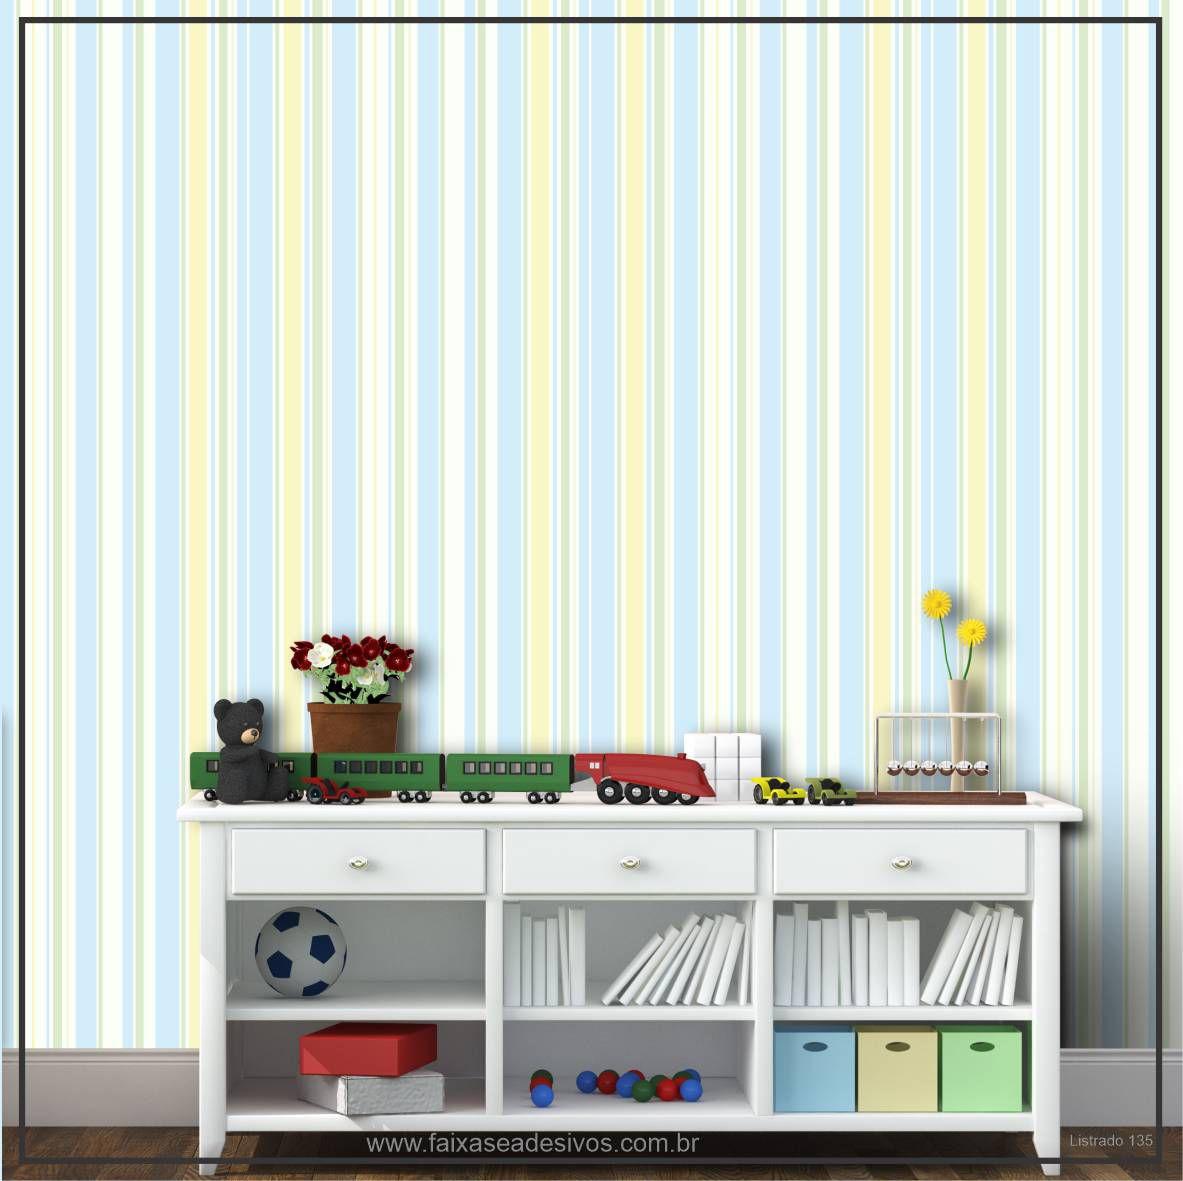 028 - Adesivo Decorativo de parede Listras verdinho - 58cm larg  - Fac Signs